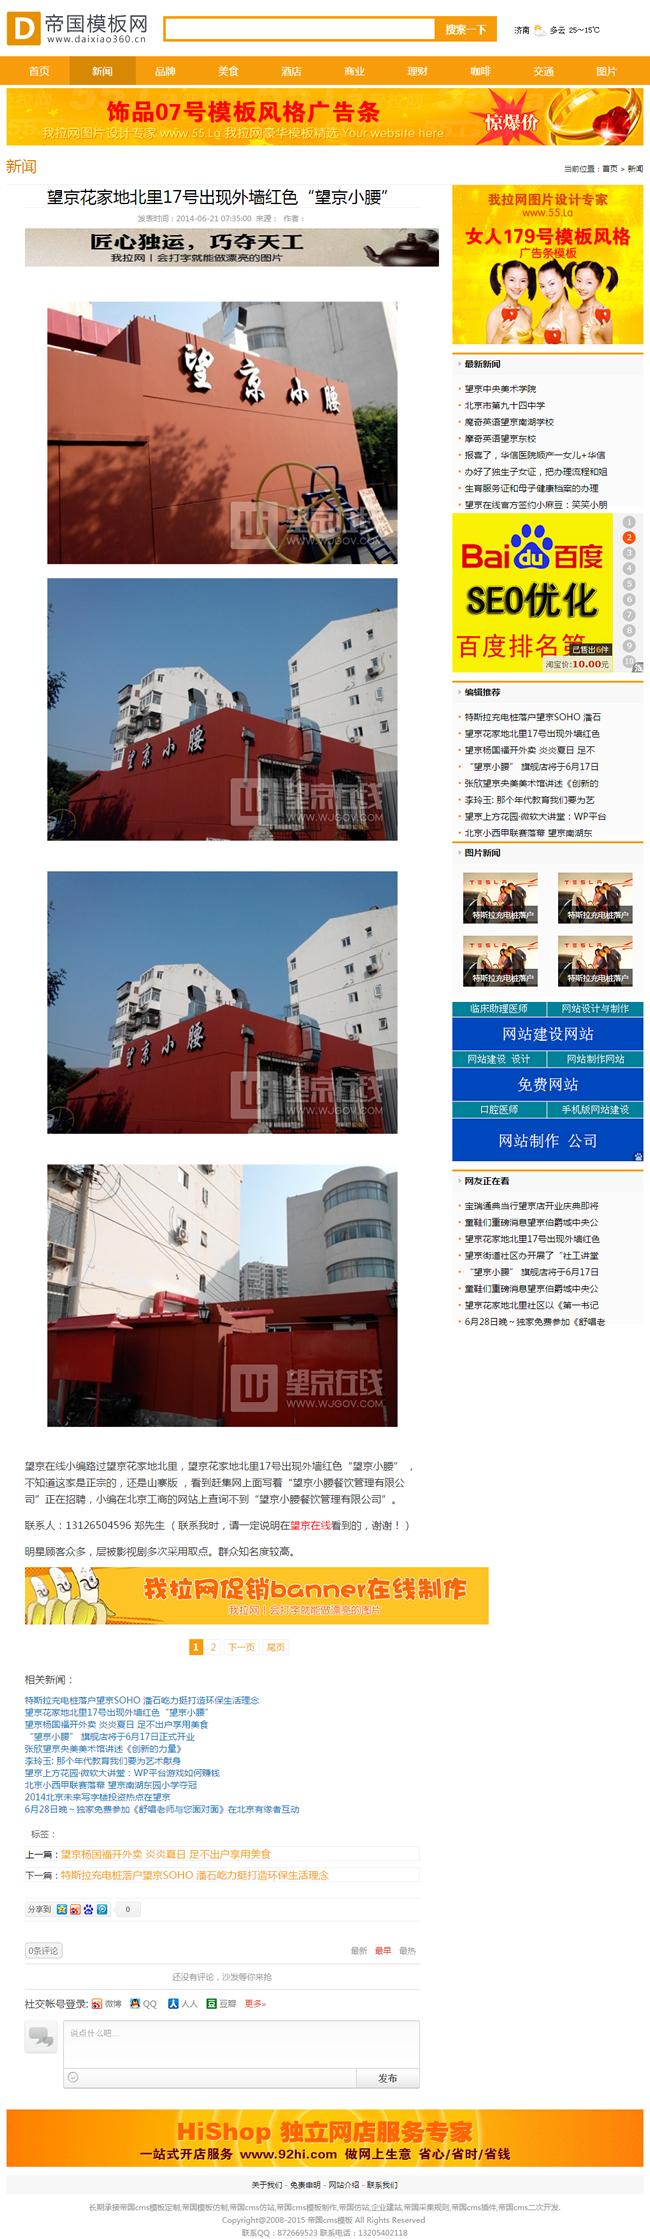 新闻文章资讯网站模板帝国cms橙色新闻模板_内容页